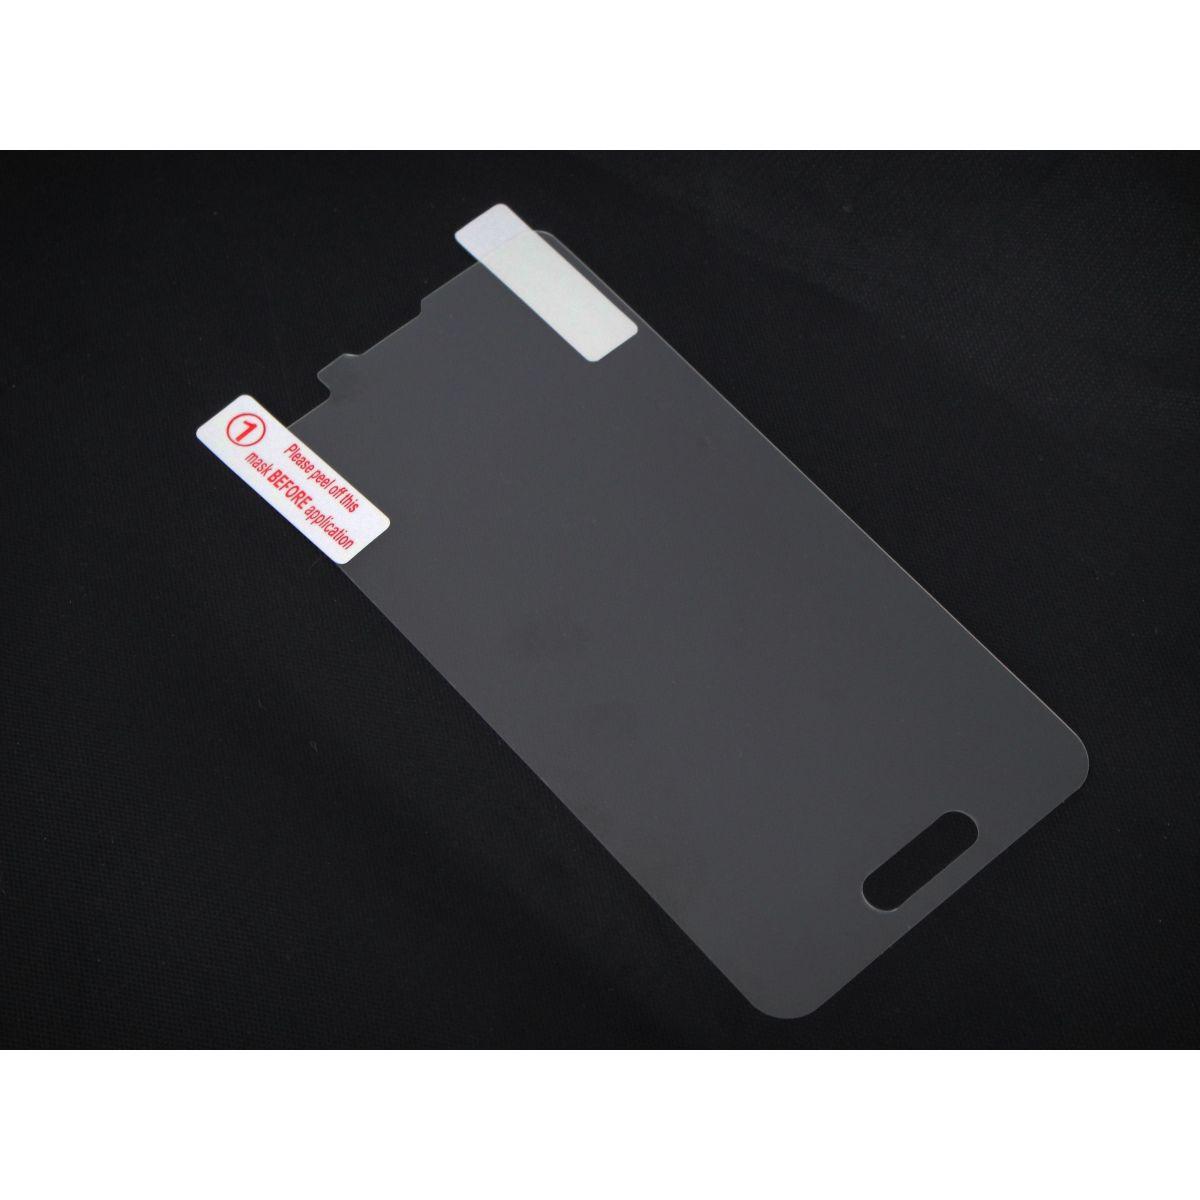 Pelicula Protetora LG Optimus F3 D300 P665h Ls720 Transparente